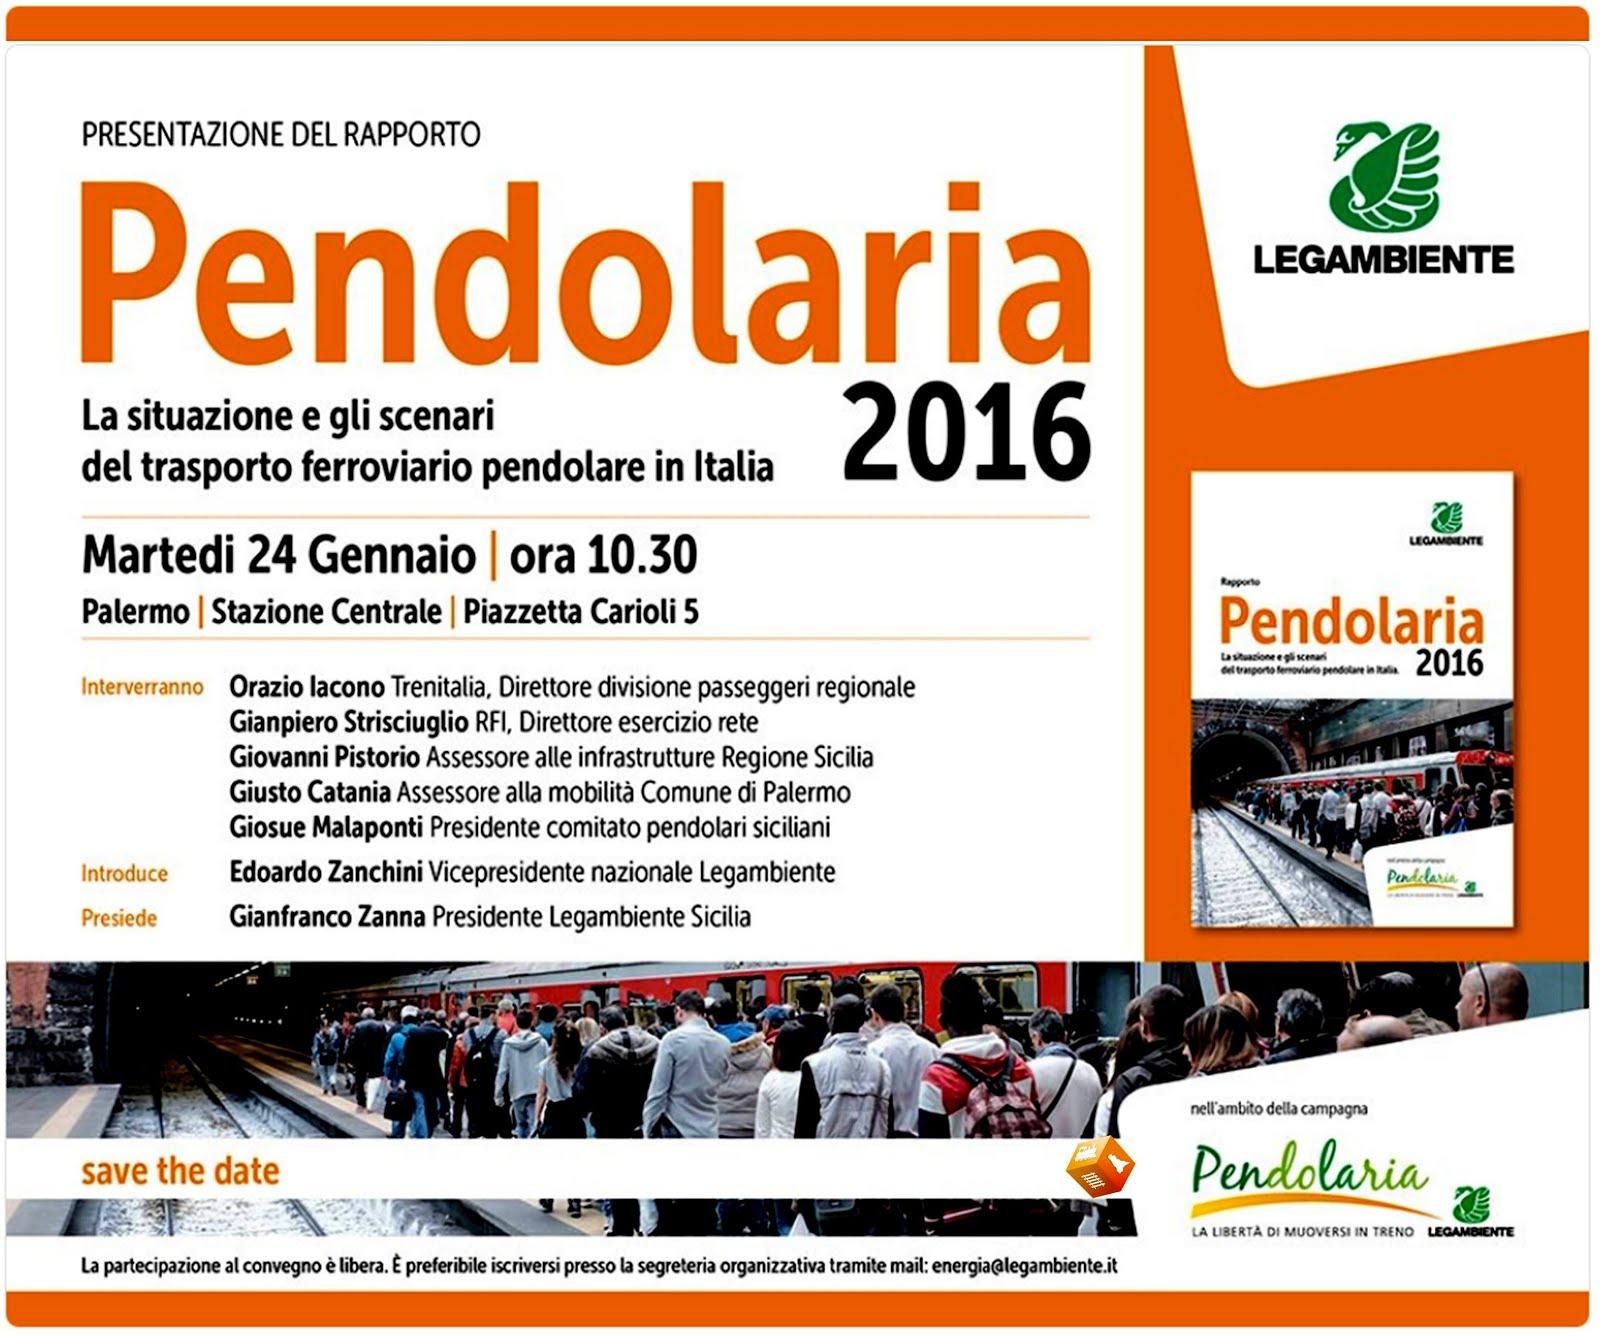 PENDOLARIA 2016